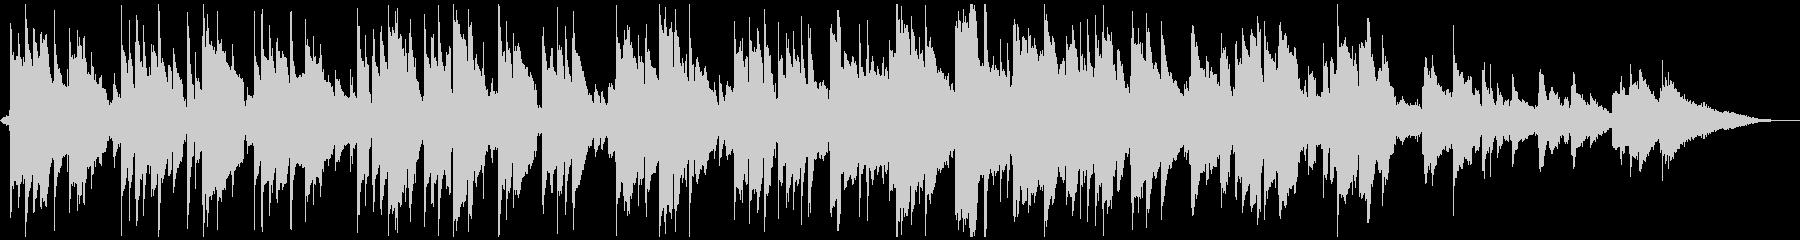 牧歌的なアコギソロ【波の音&蝉の声入り】の未再生の波形